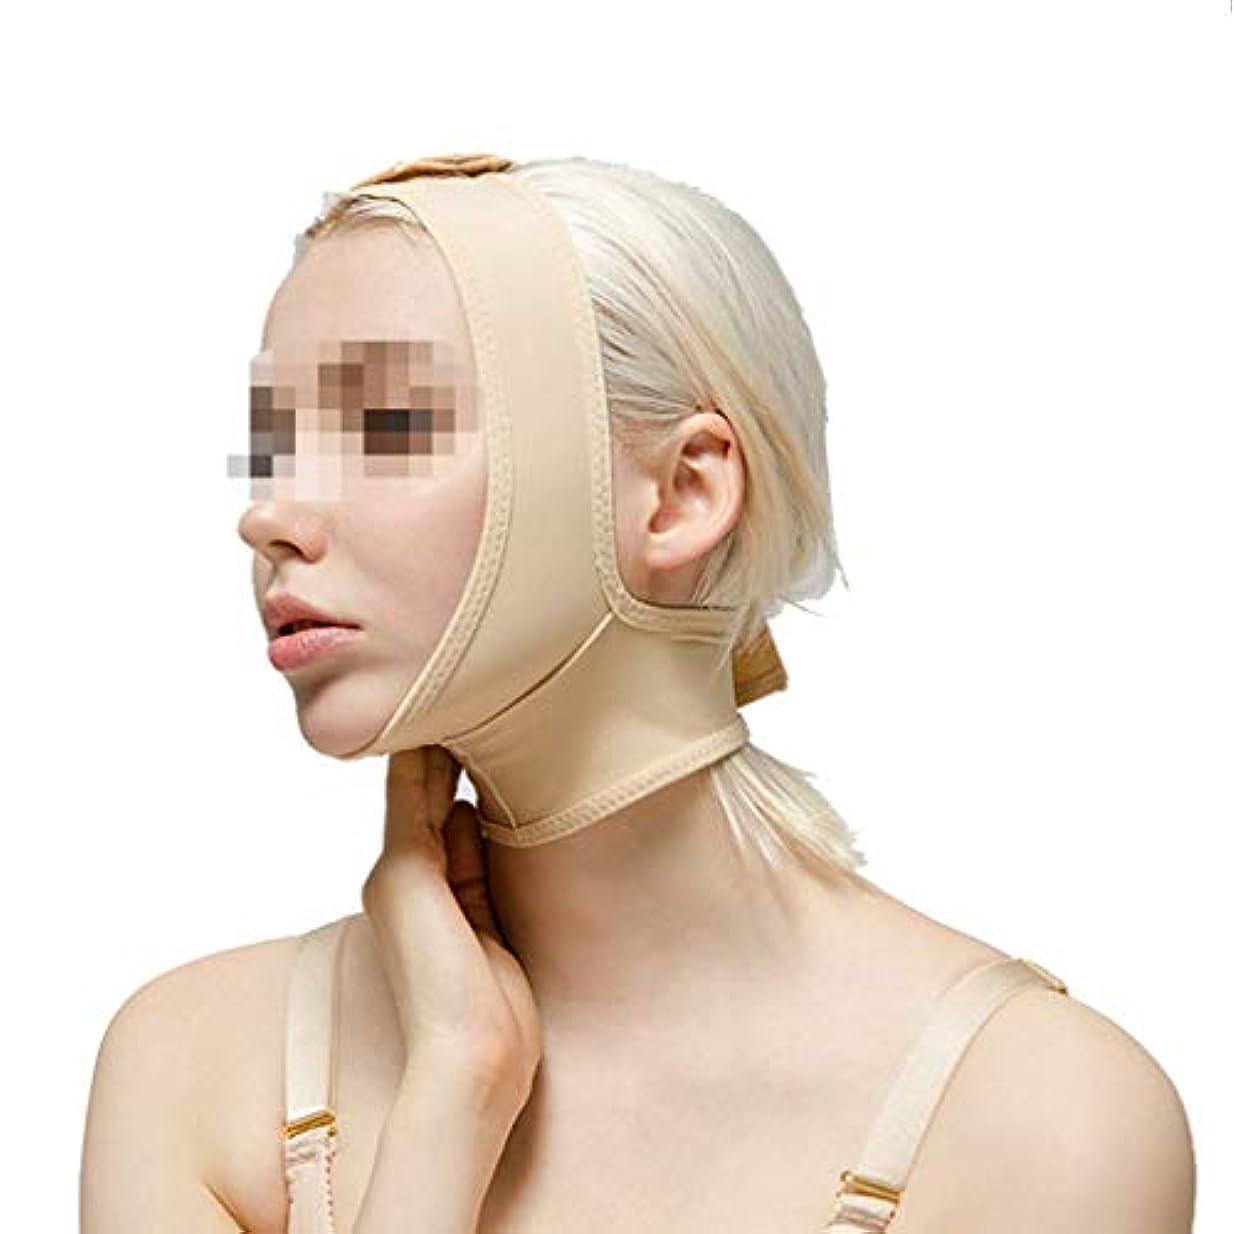 主人判定頭痛術後伸縮性スリーブ、下顎束フェイスバンデージフェイシャルビームダブルチンシンフェイスマスクマルチサイズオプション(サイズ:L),XXL